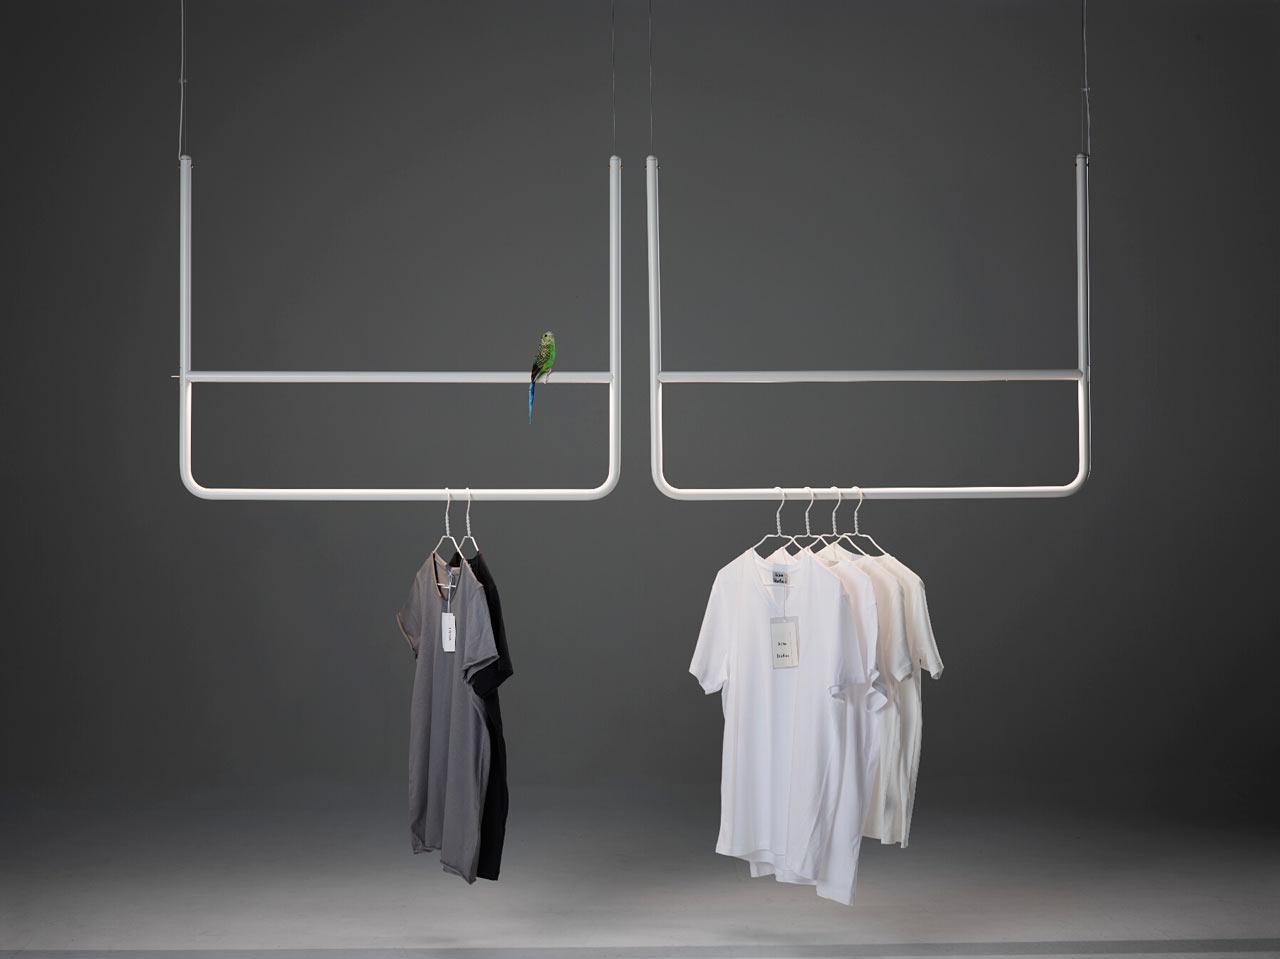 Hank-Light-Hanger-Ola-Samuelsson-1